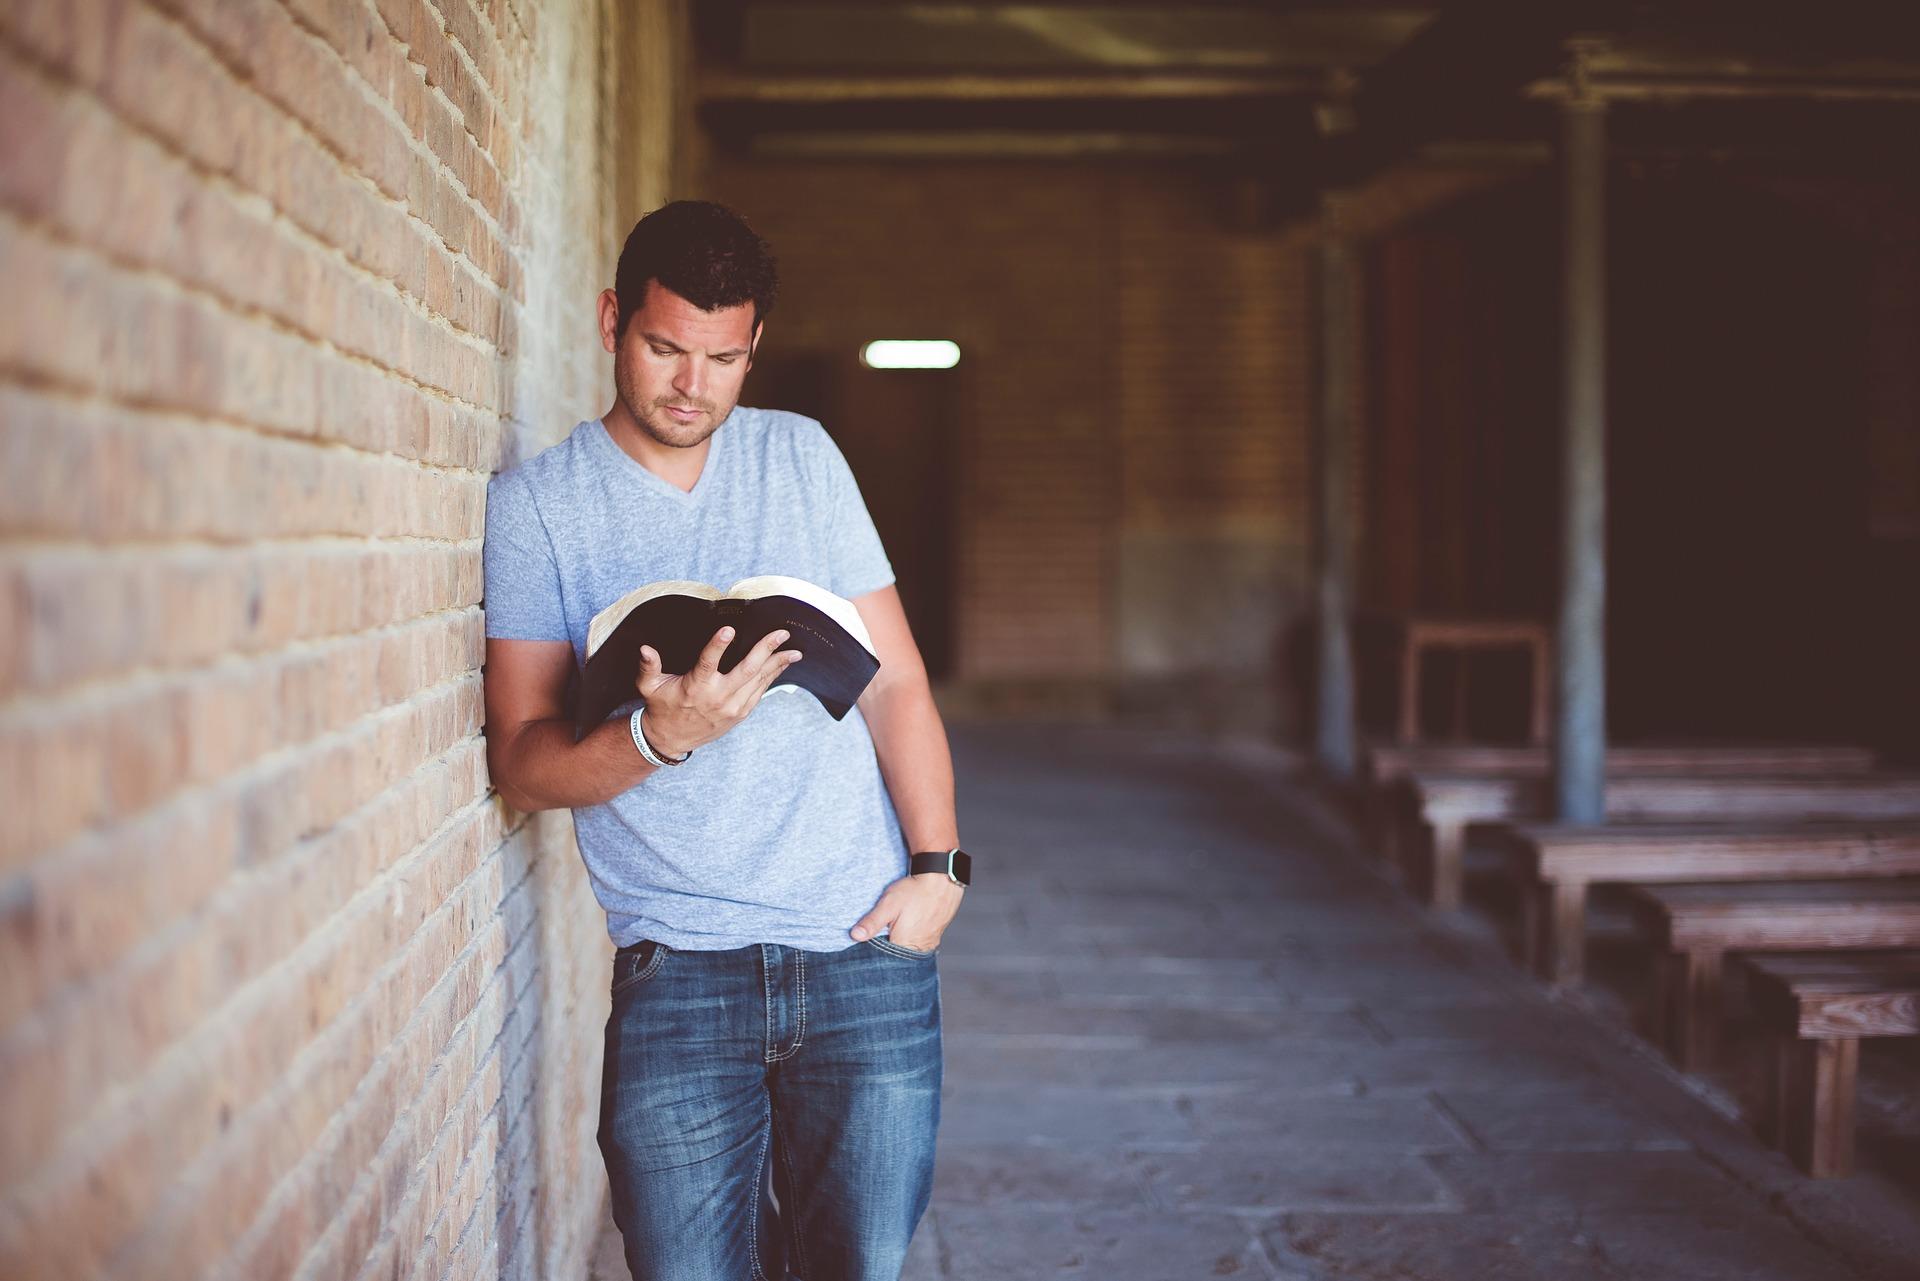 LES AMÉRICAINS CROIENT EN DIEU, MAIS SEULEMENT 56% AU DIEU DE LA BIBLE